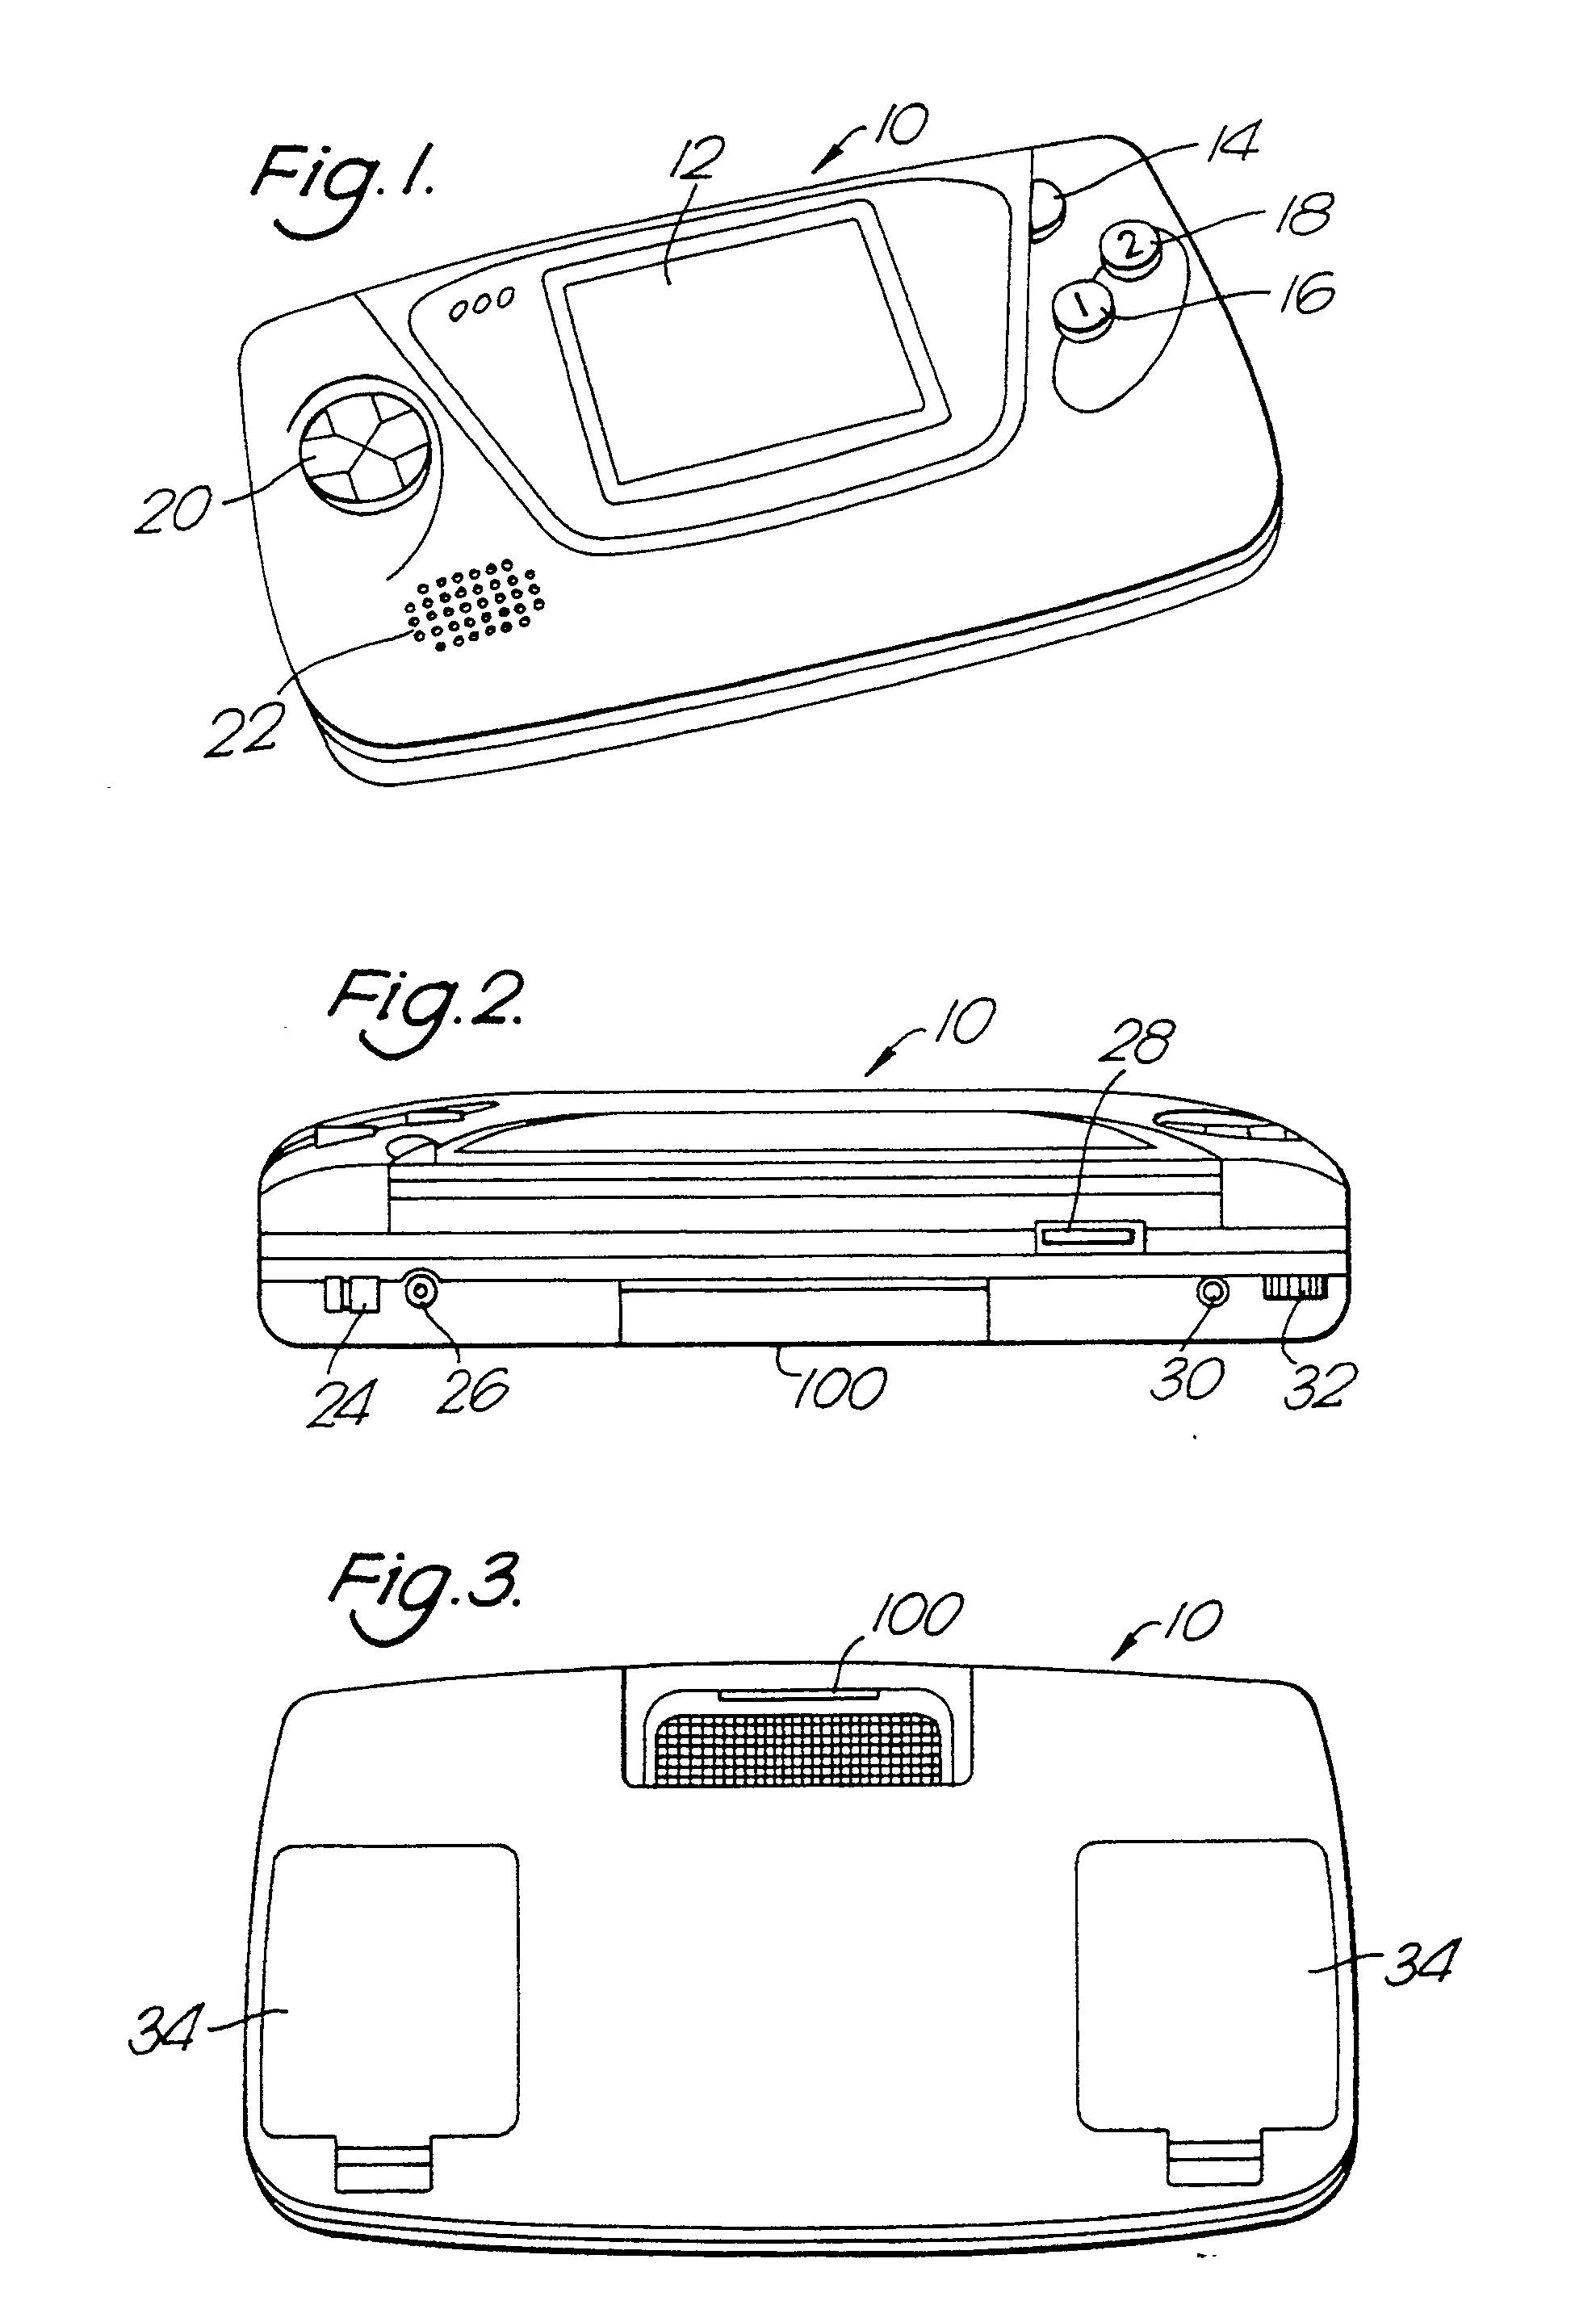 Planos de la patente de Game Gear